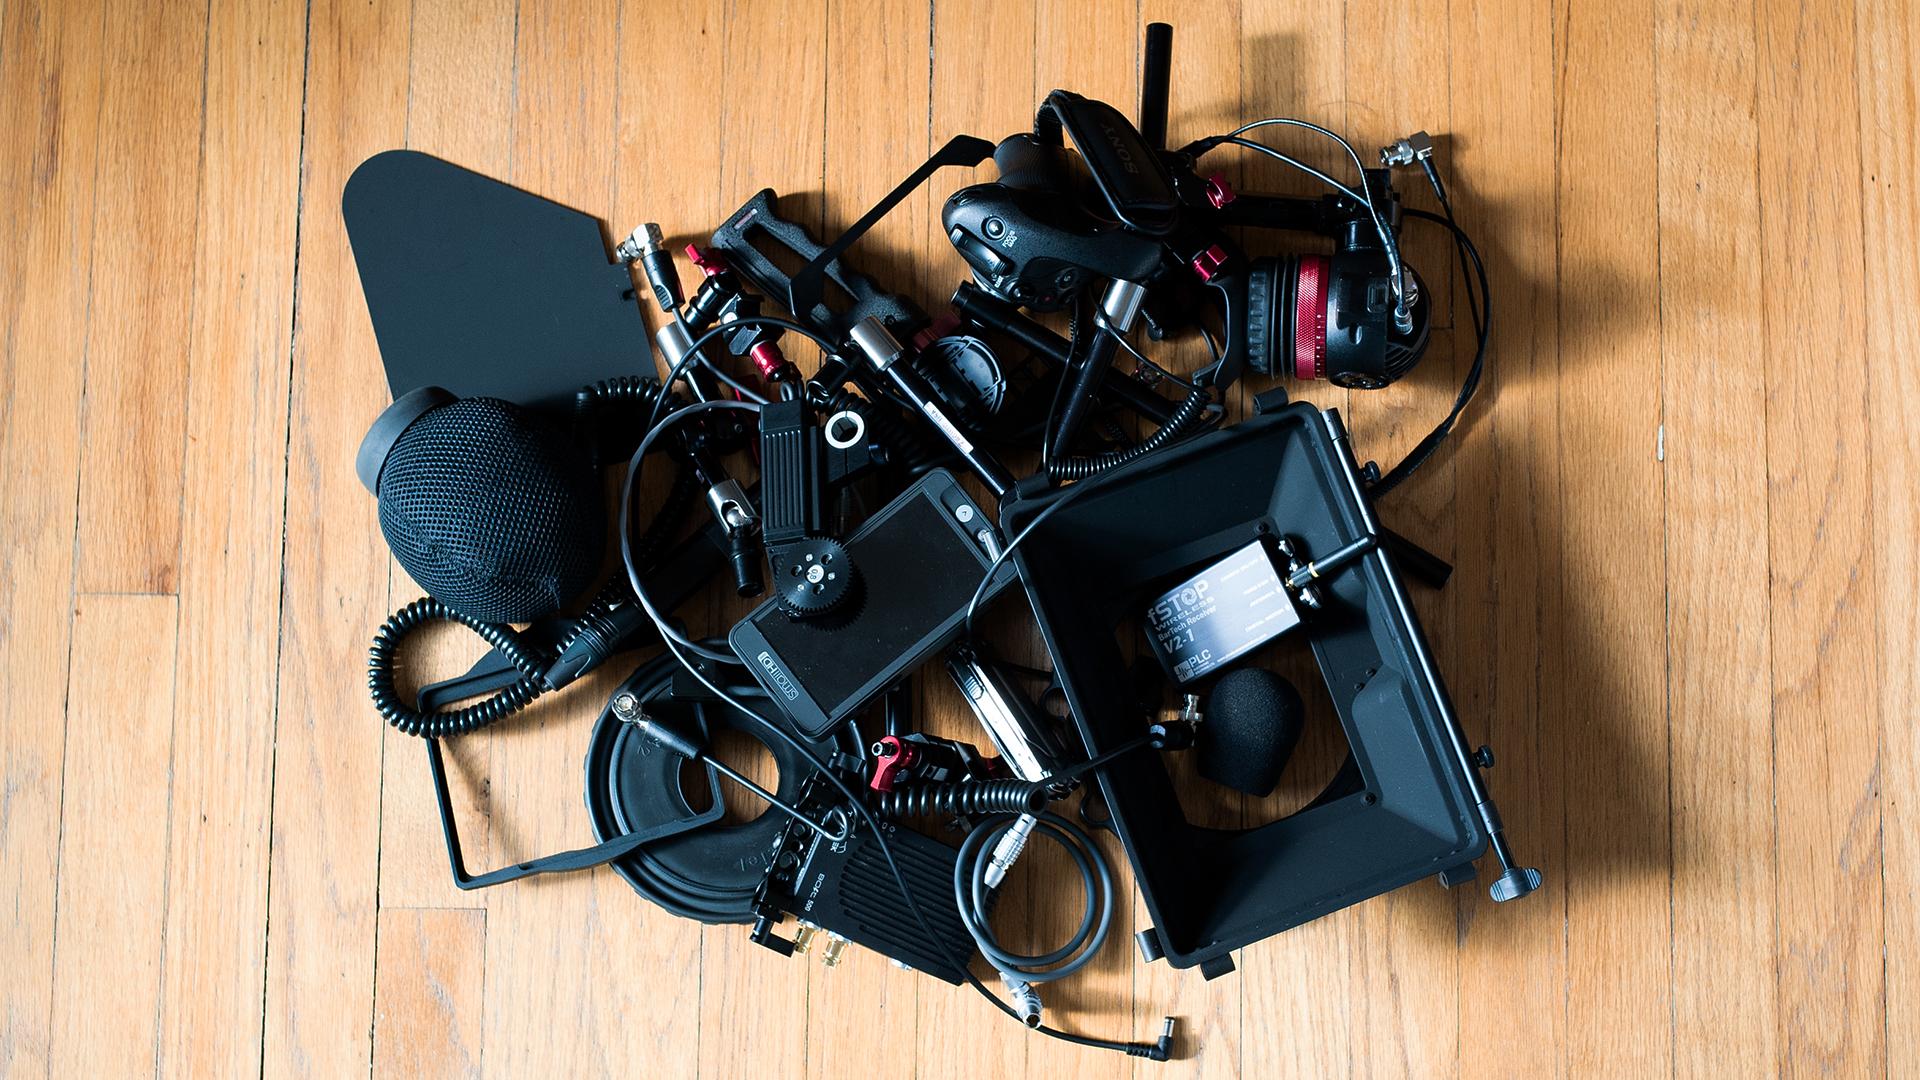 """Cómo el """"kit perfecto"""" puede sabotear a los cineastas"""